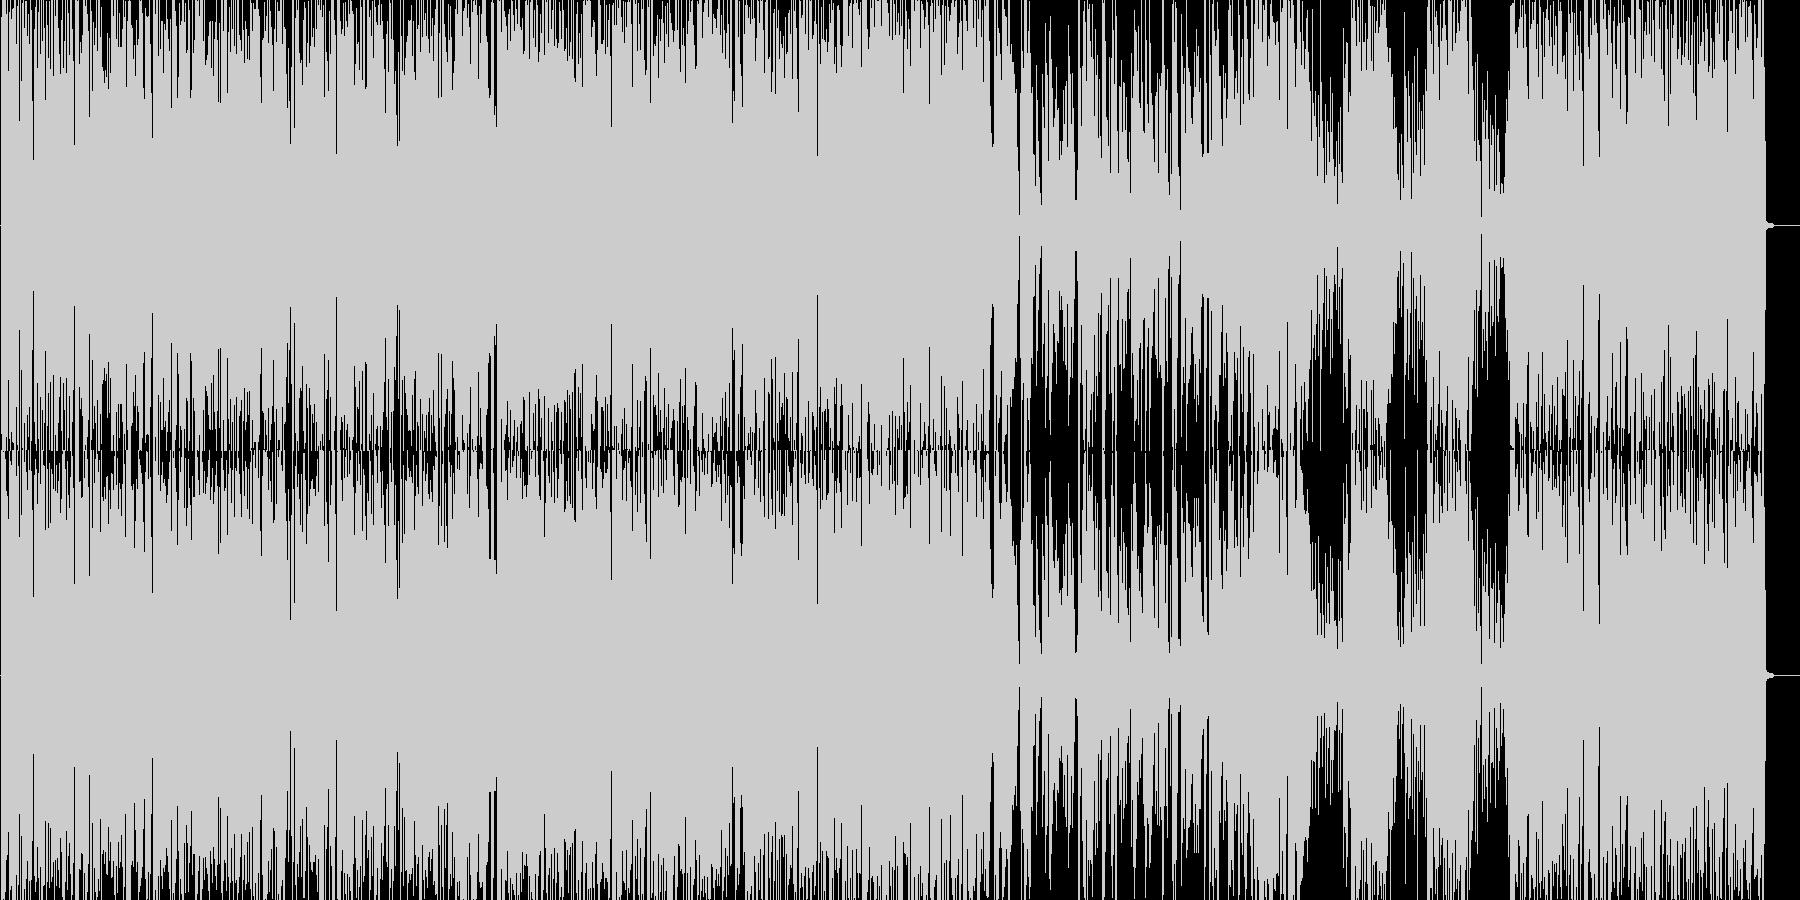 軽快なブルースピアノトリオの未再生の波形